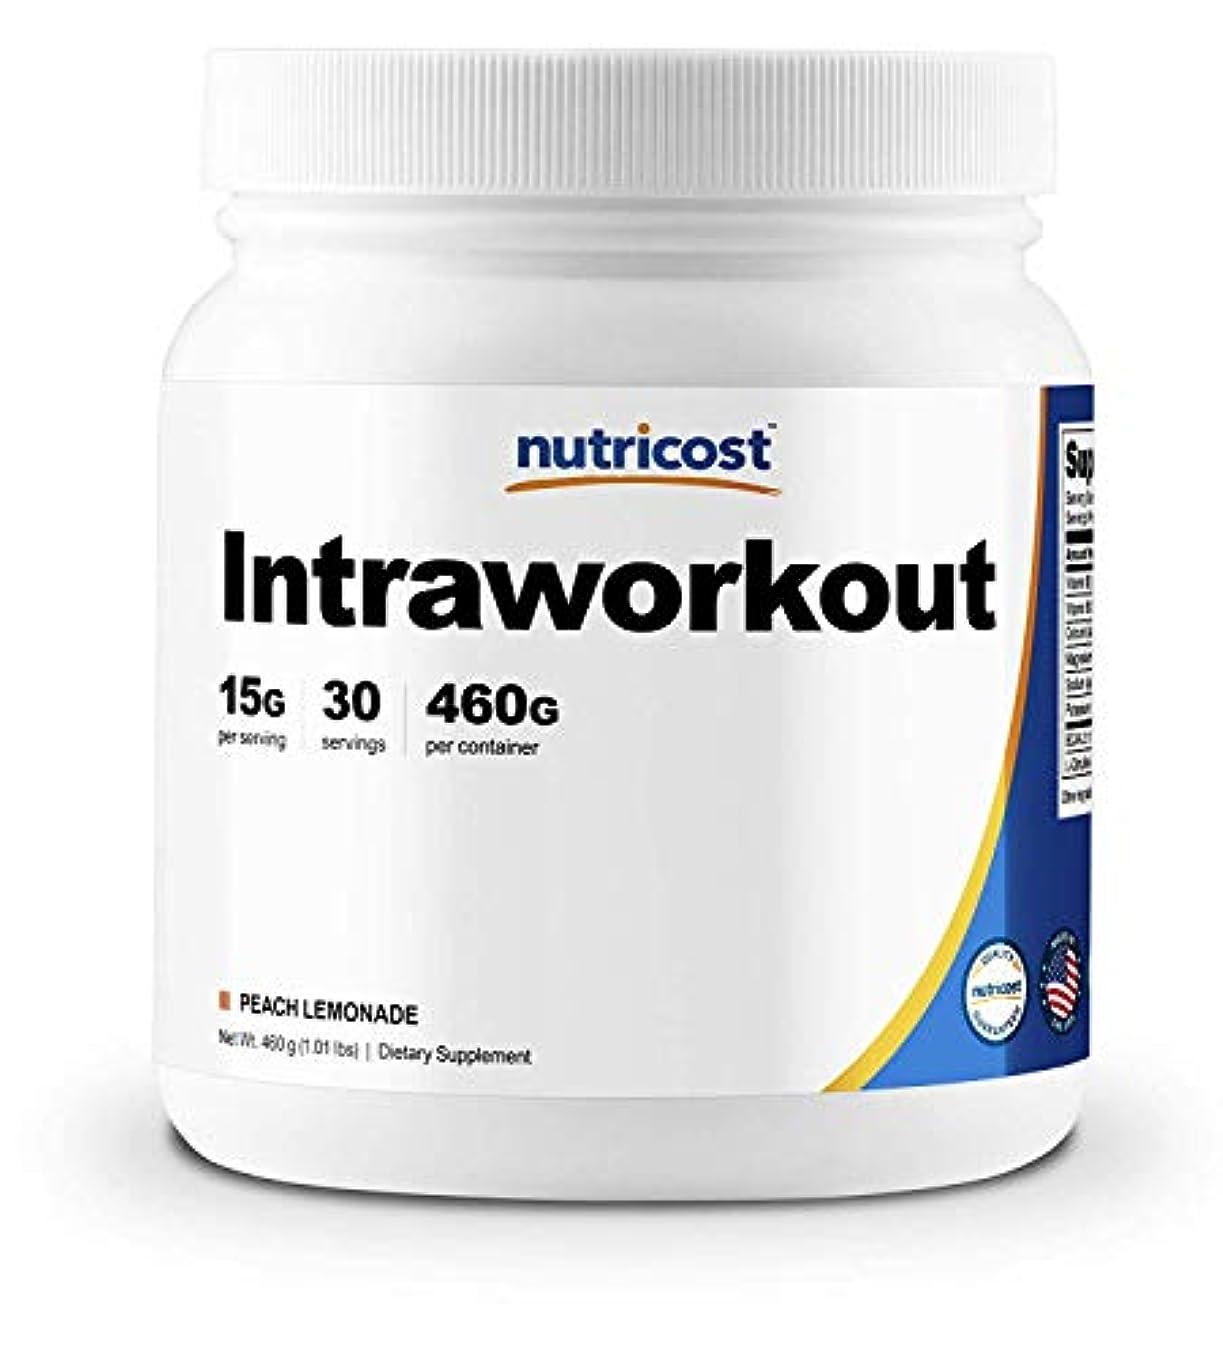 刈る独裁者繊維Nutricost イントラワークアウトパウダー(ピーチレモネード味)、非GMO、グルテンフリー